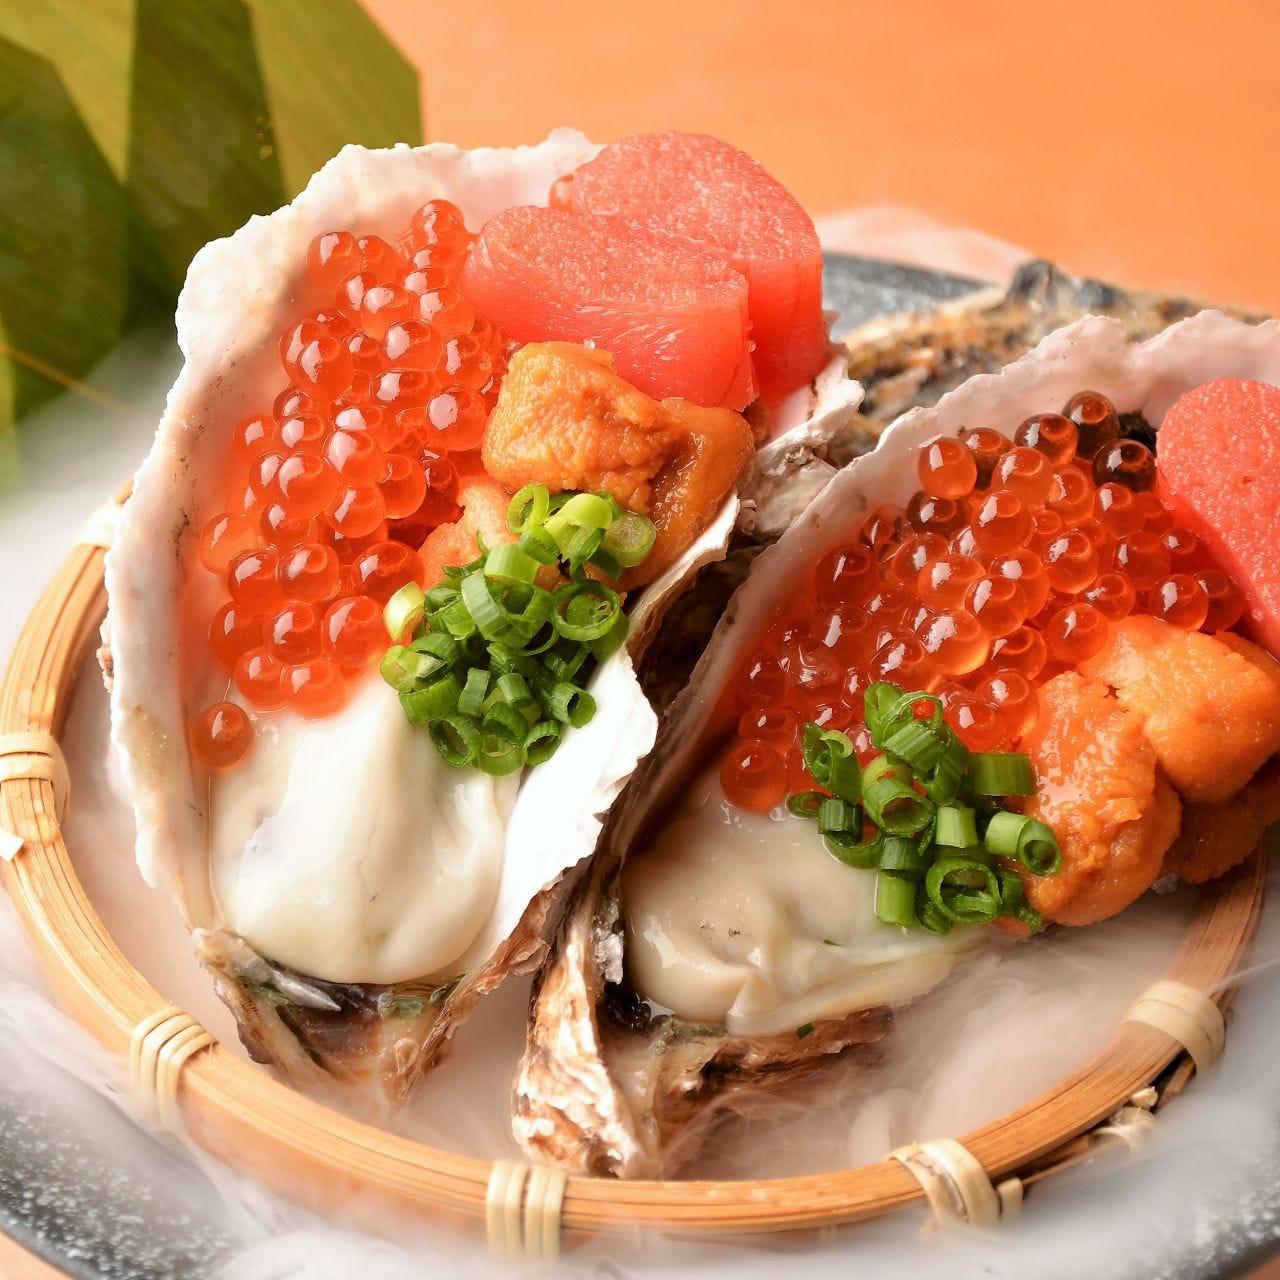 煮込み・牡蠣 ネオ大衆酒場 ゴリヤマ商店 金山小町店